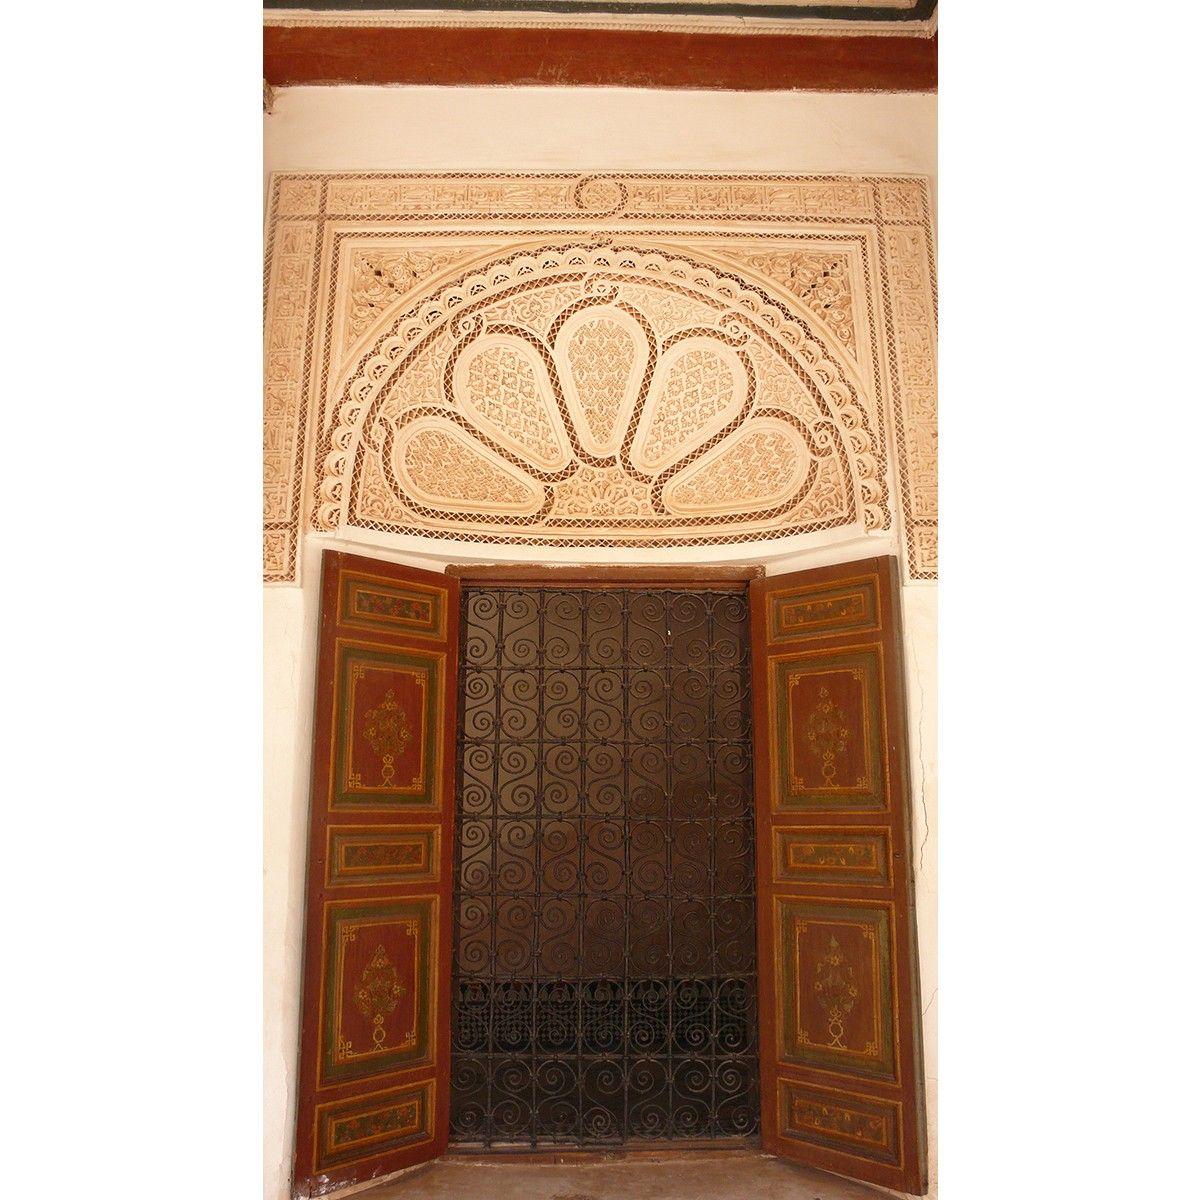 Islamic Center, Mosque, Morocco